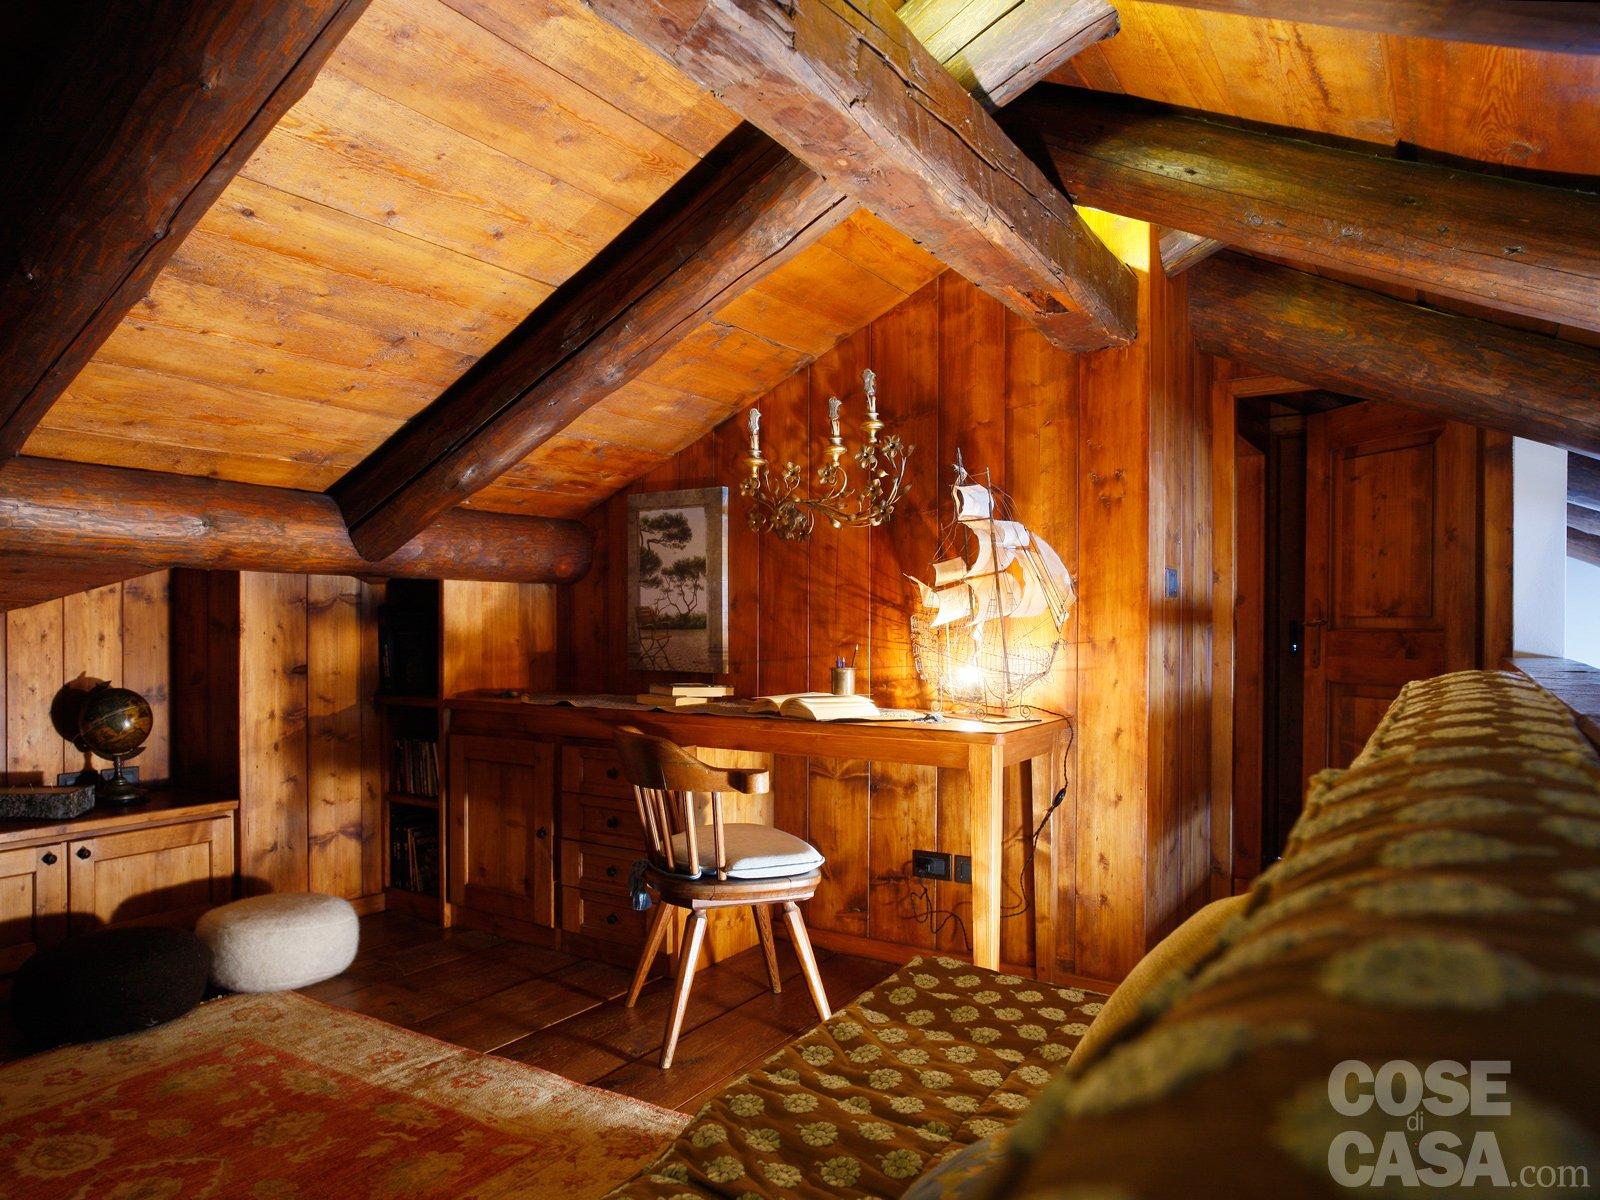 Mansarda tutta legno nuova vita per la casa di montagna for Immagini di case antiche